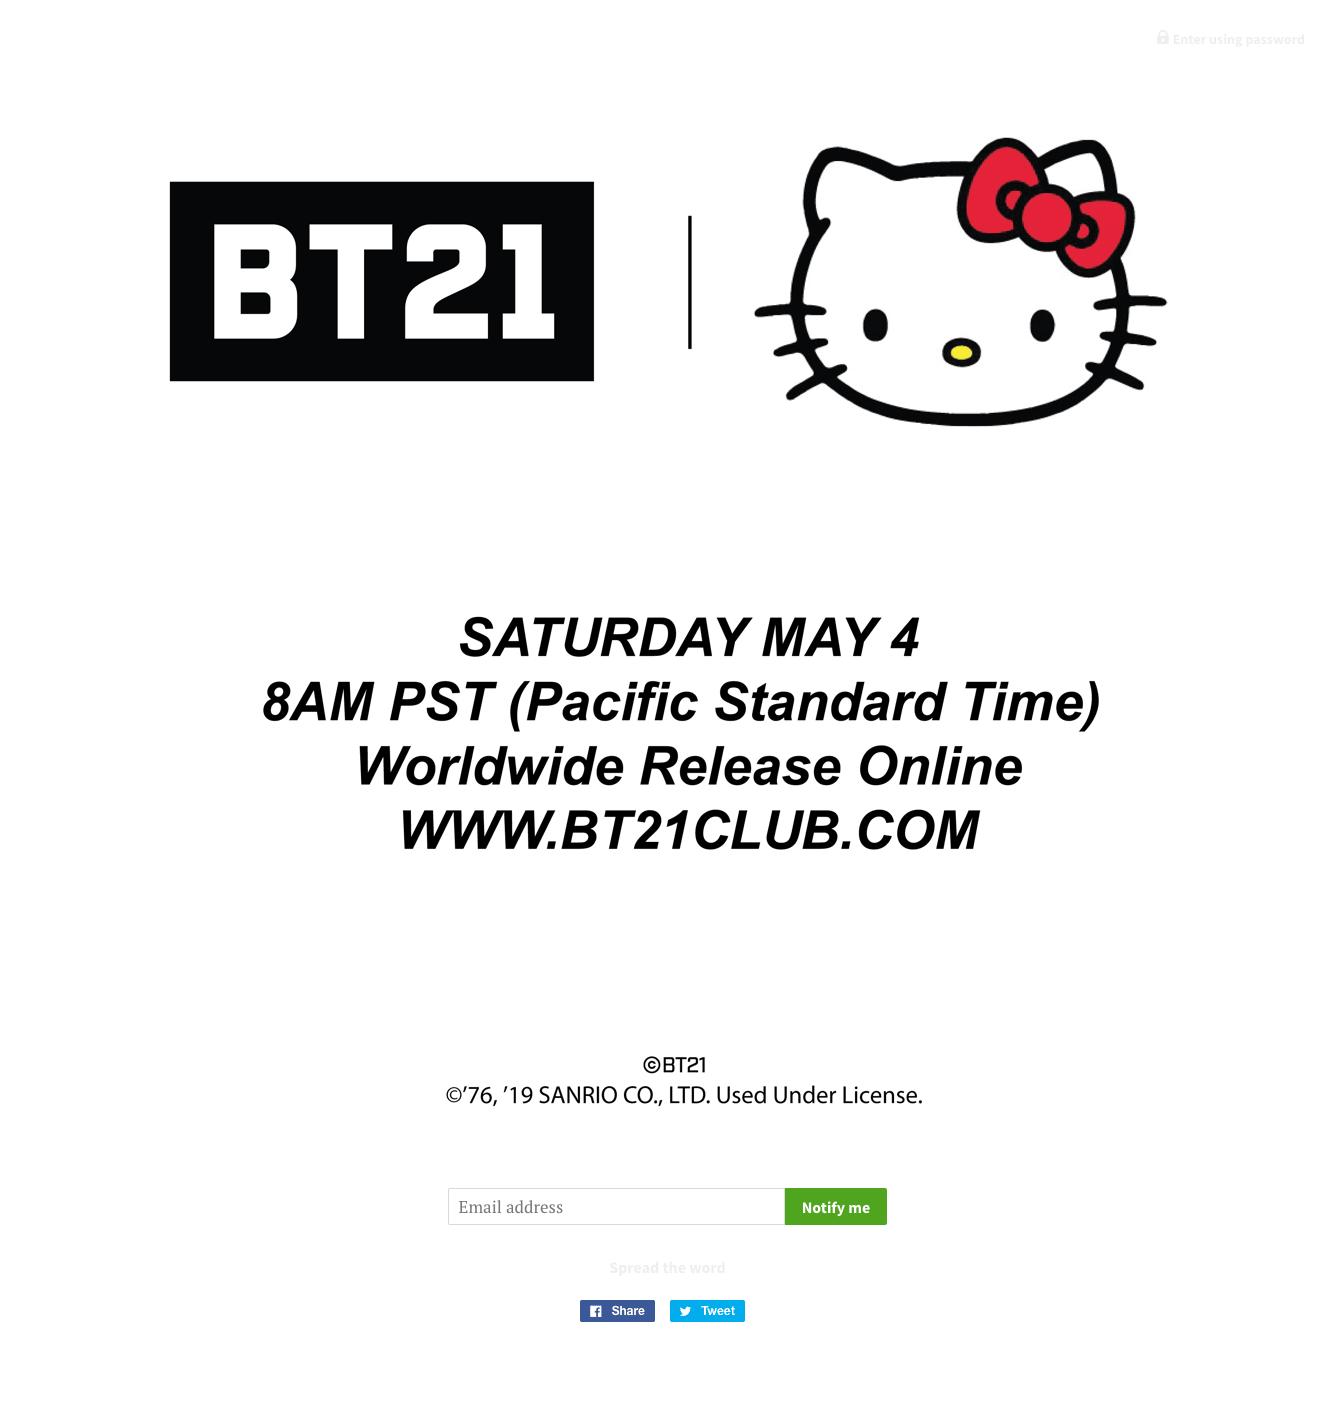 BTSのキャラクター「BT21」とハローキティがコラボ、5月4日に発売